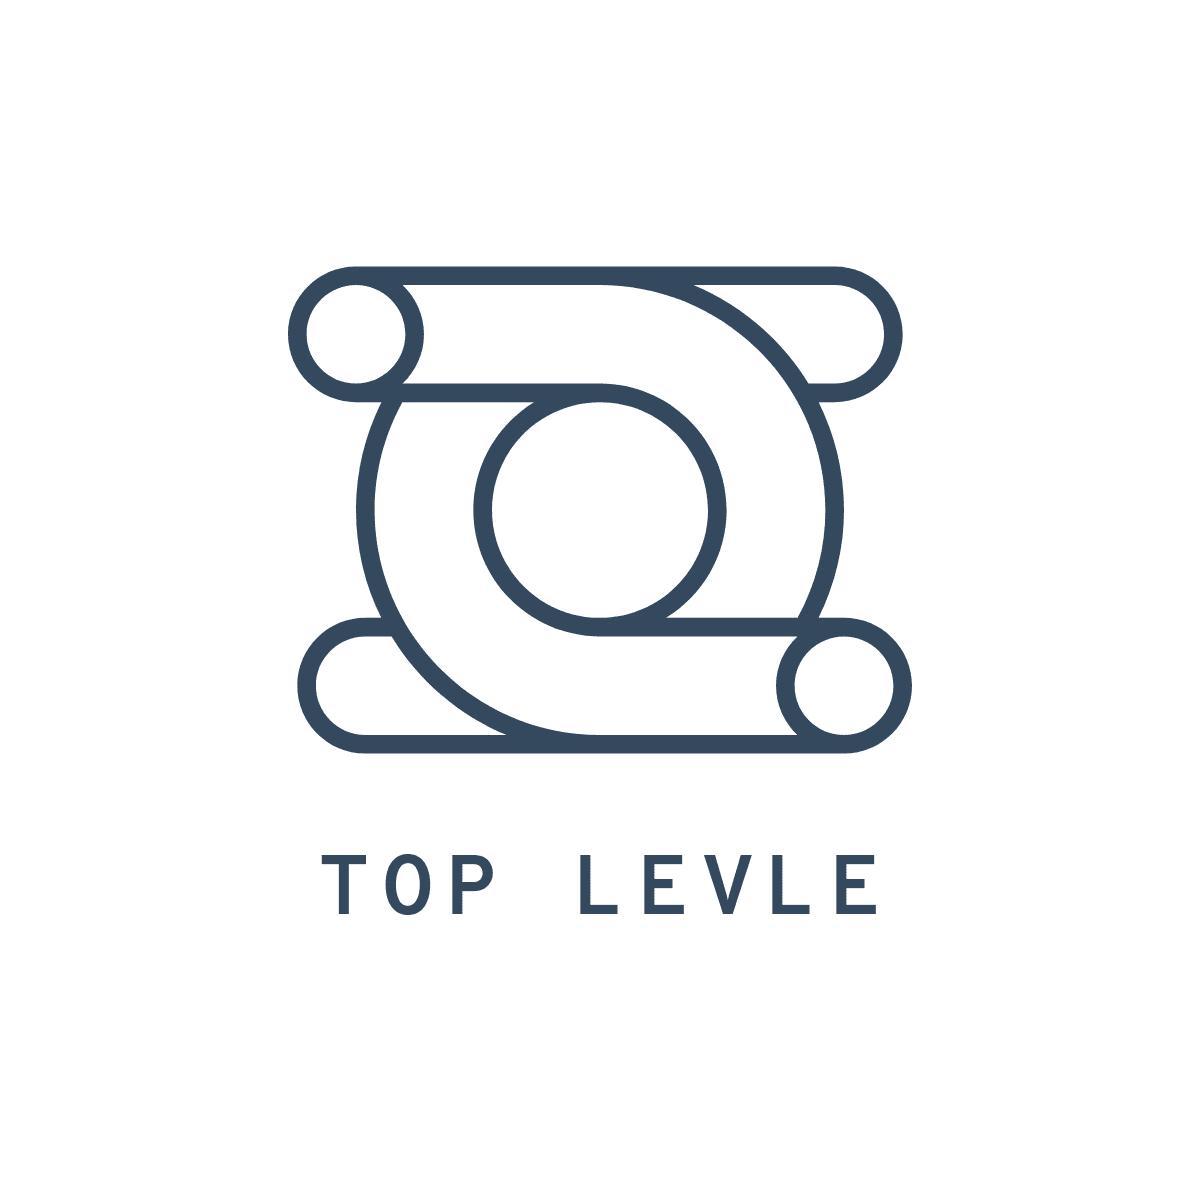 Разработка логотипа для тюнинг ателье фото f_5865f3fca3544b41.png